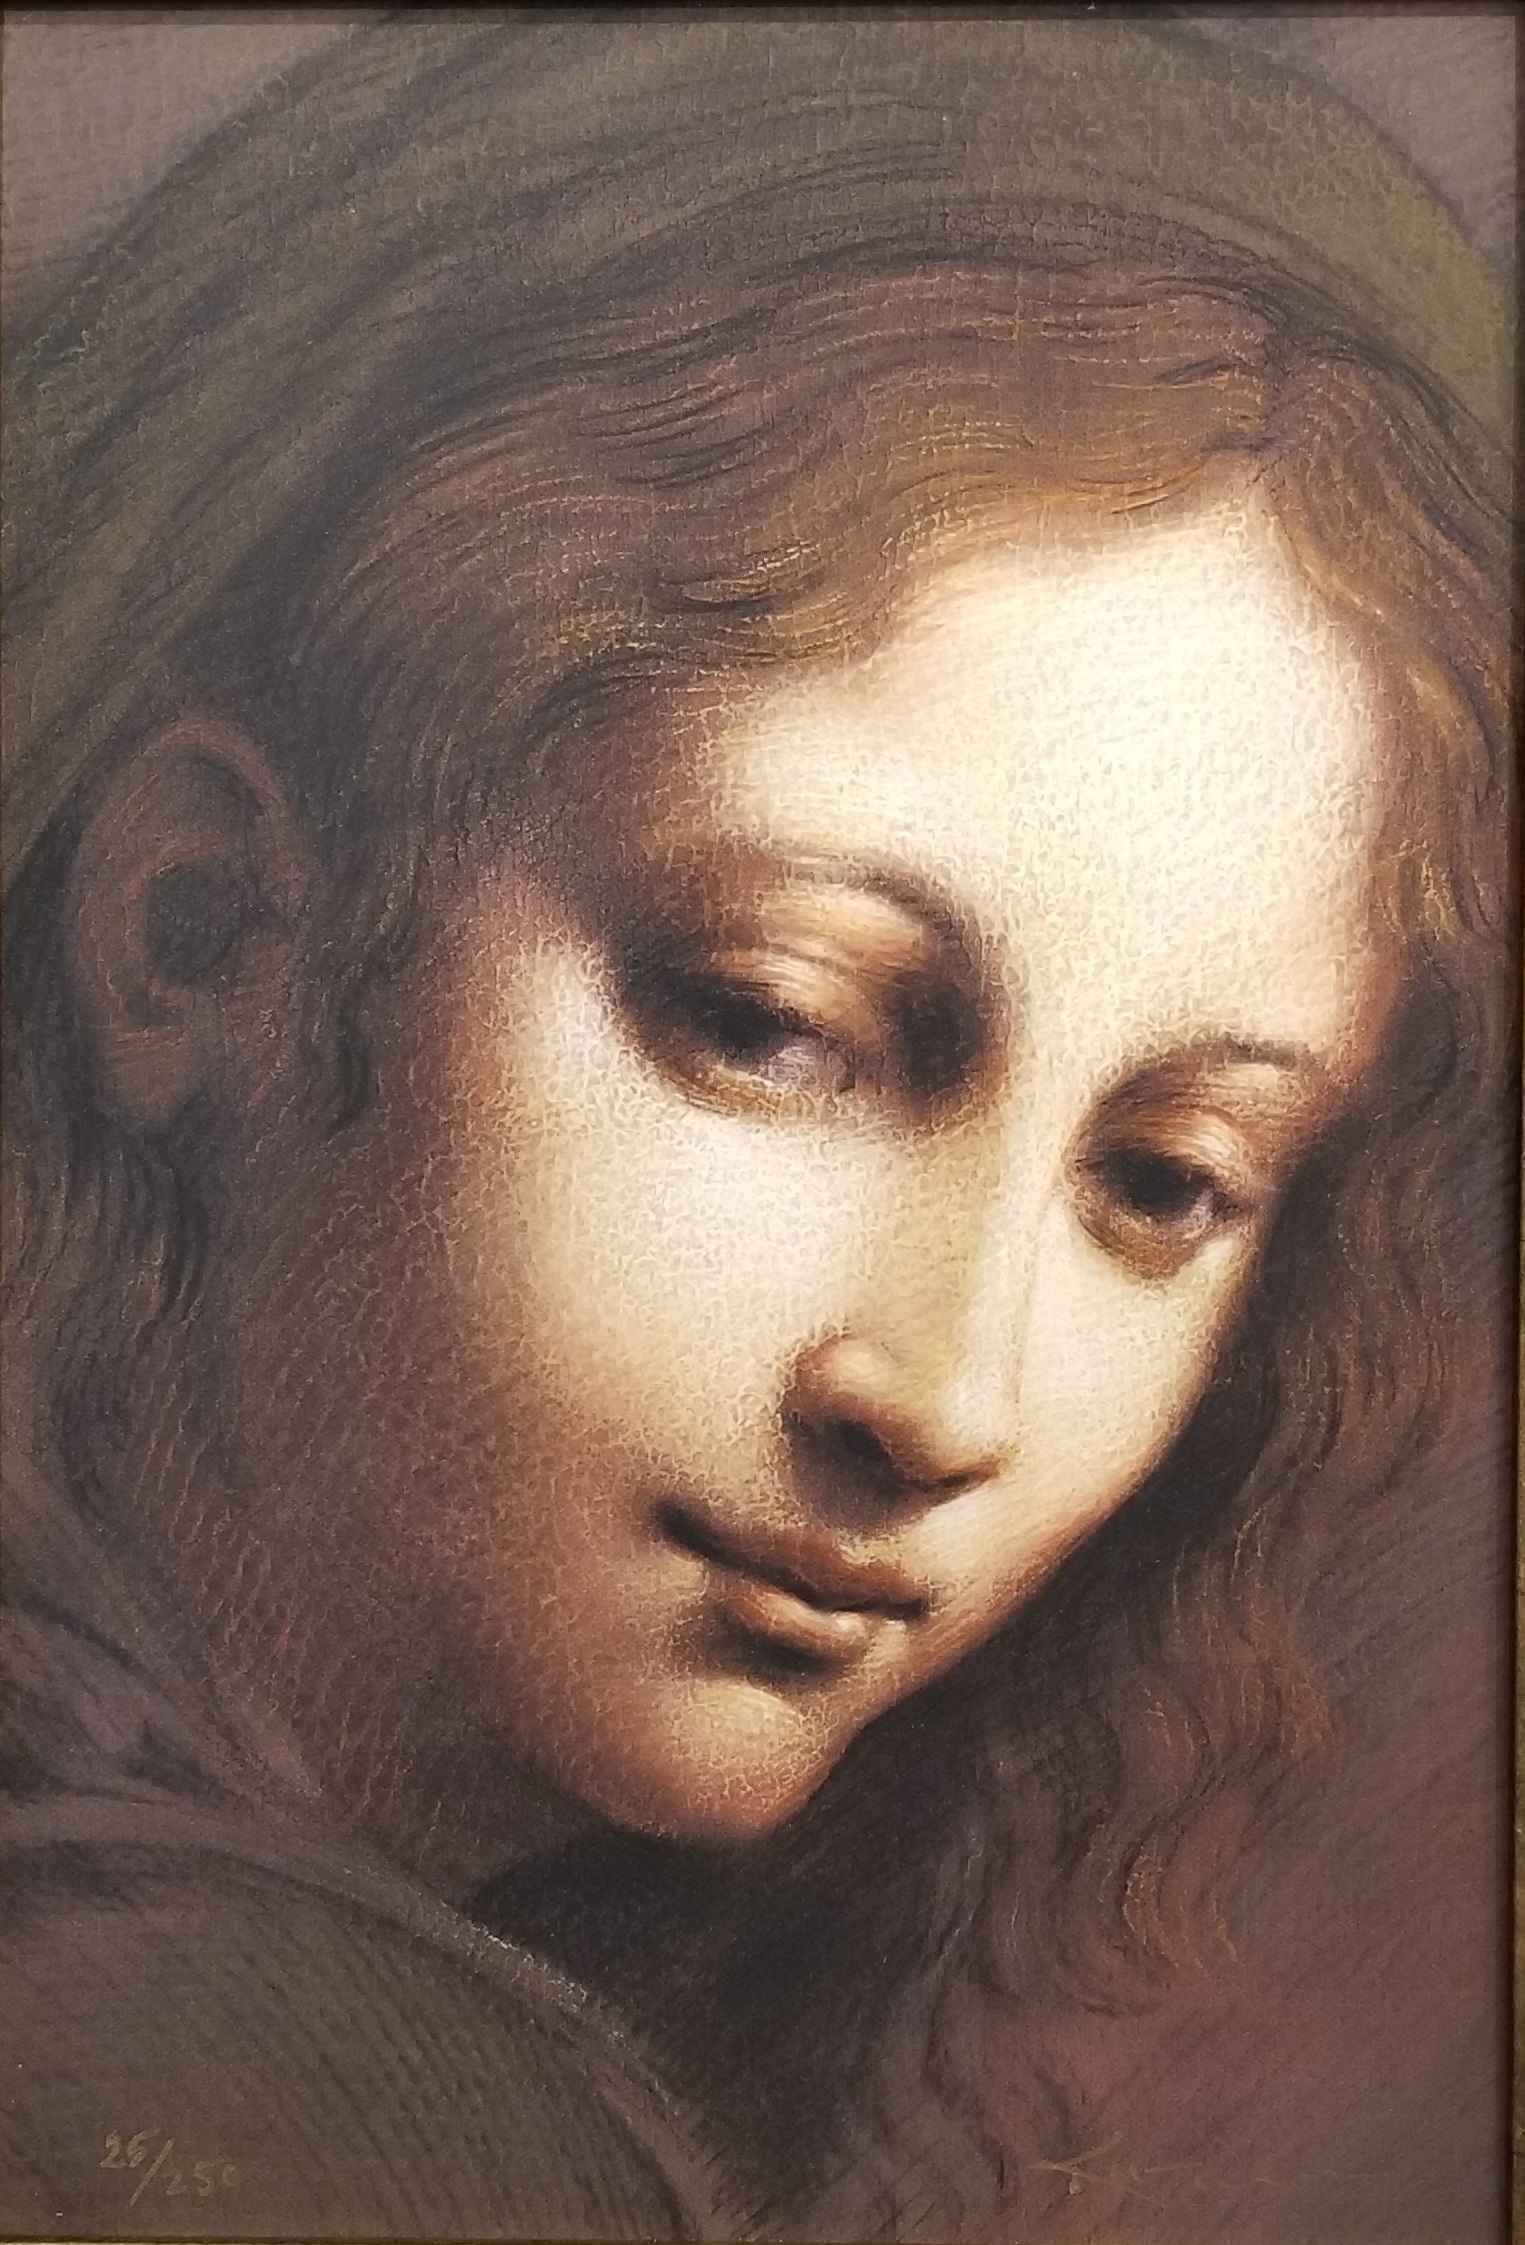 Madonna by  Kurt Wenner - Masterpiece Online